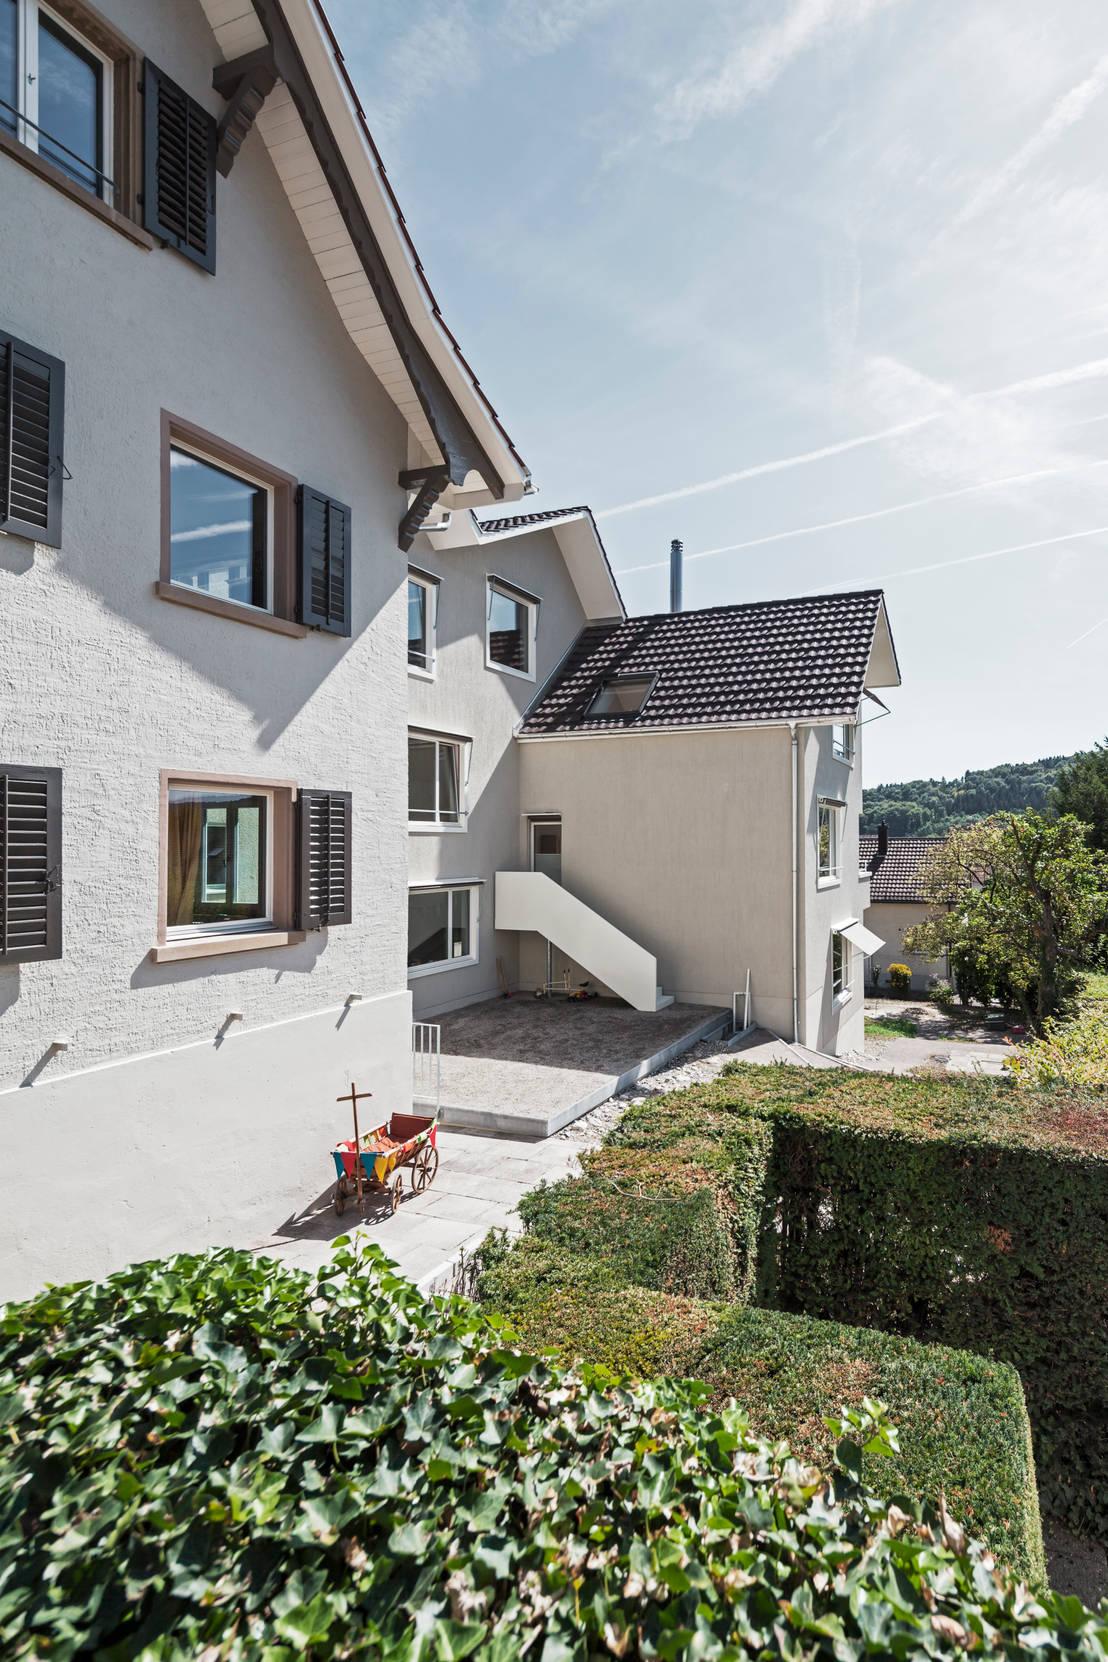 Weinbergstrasse winterthur von schneider gm r architekten homify - Gmur architekten ...